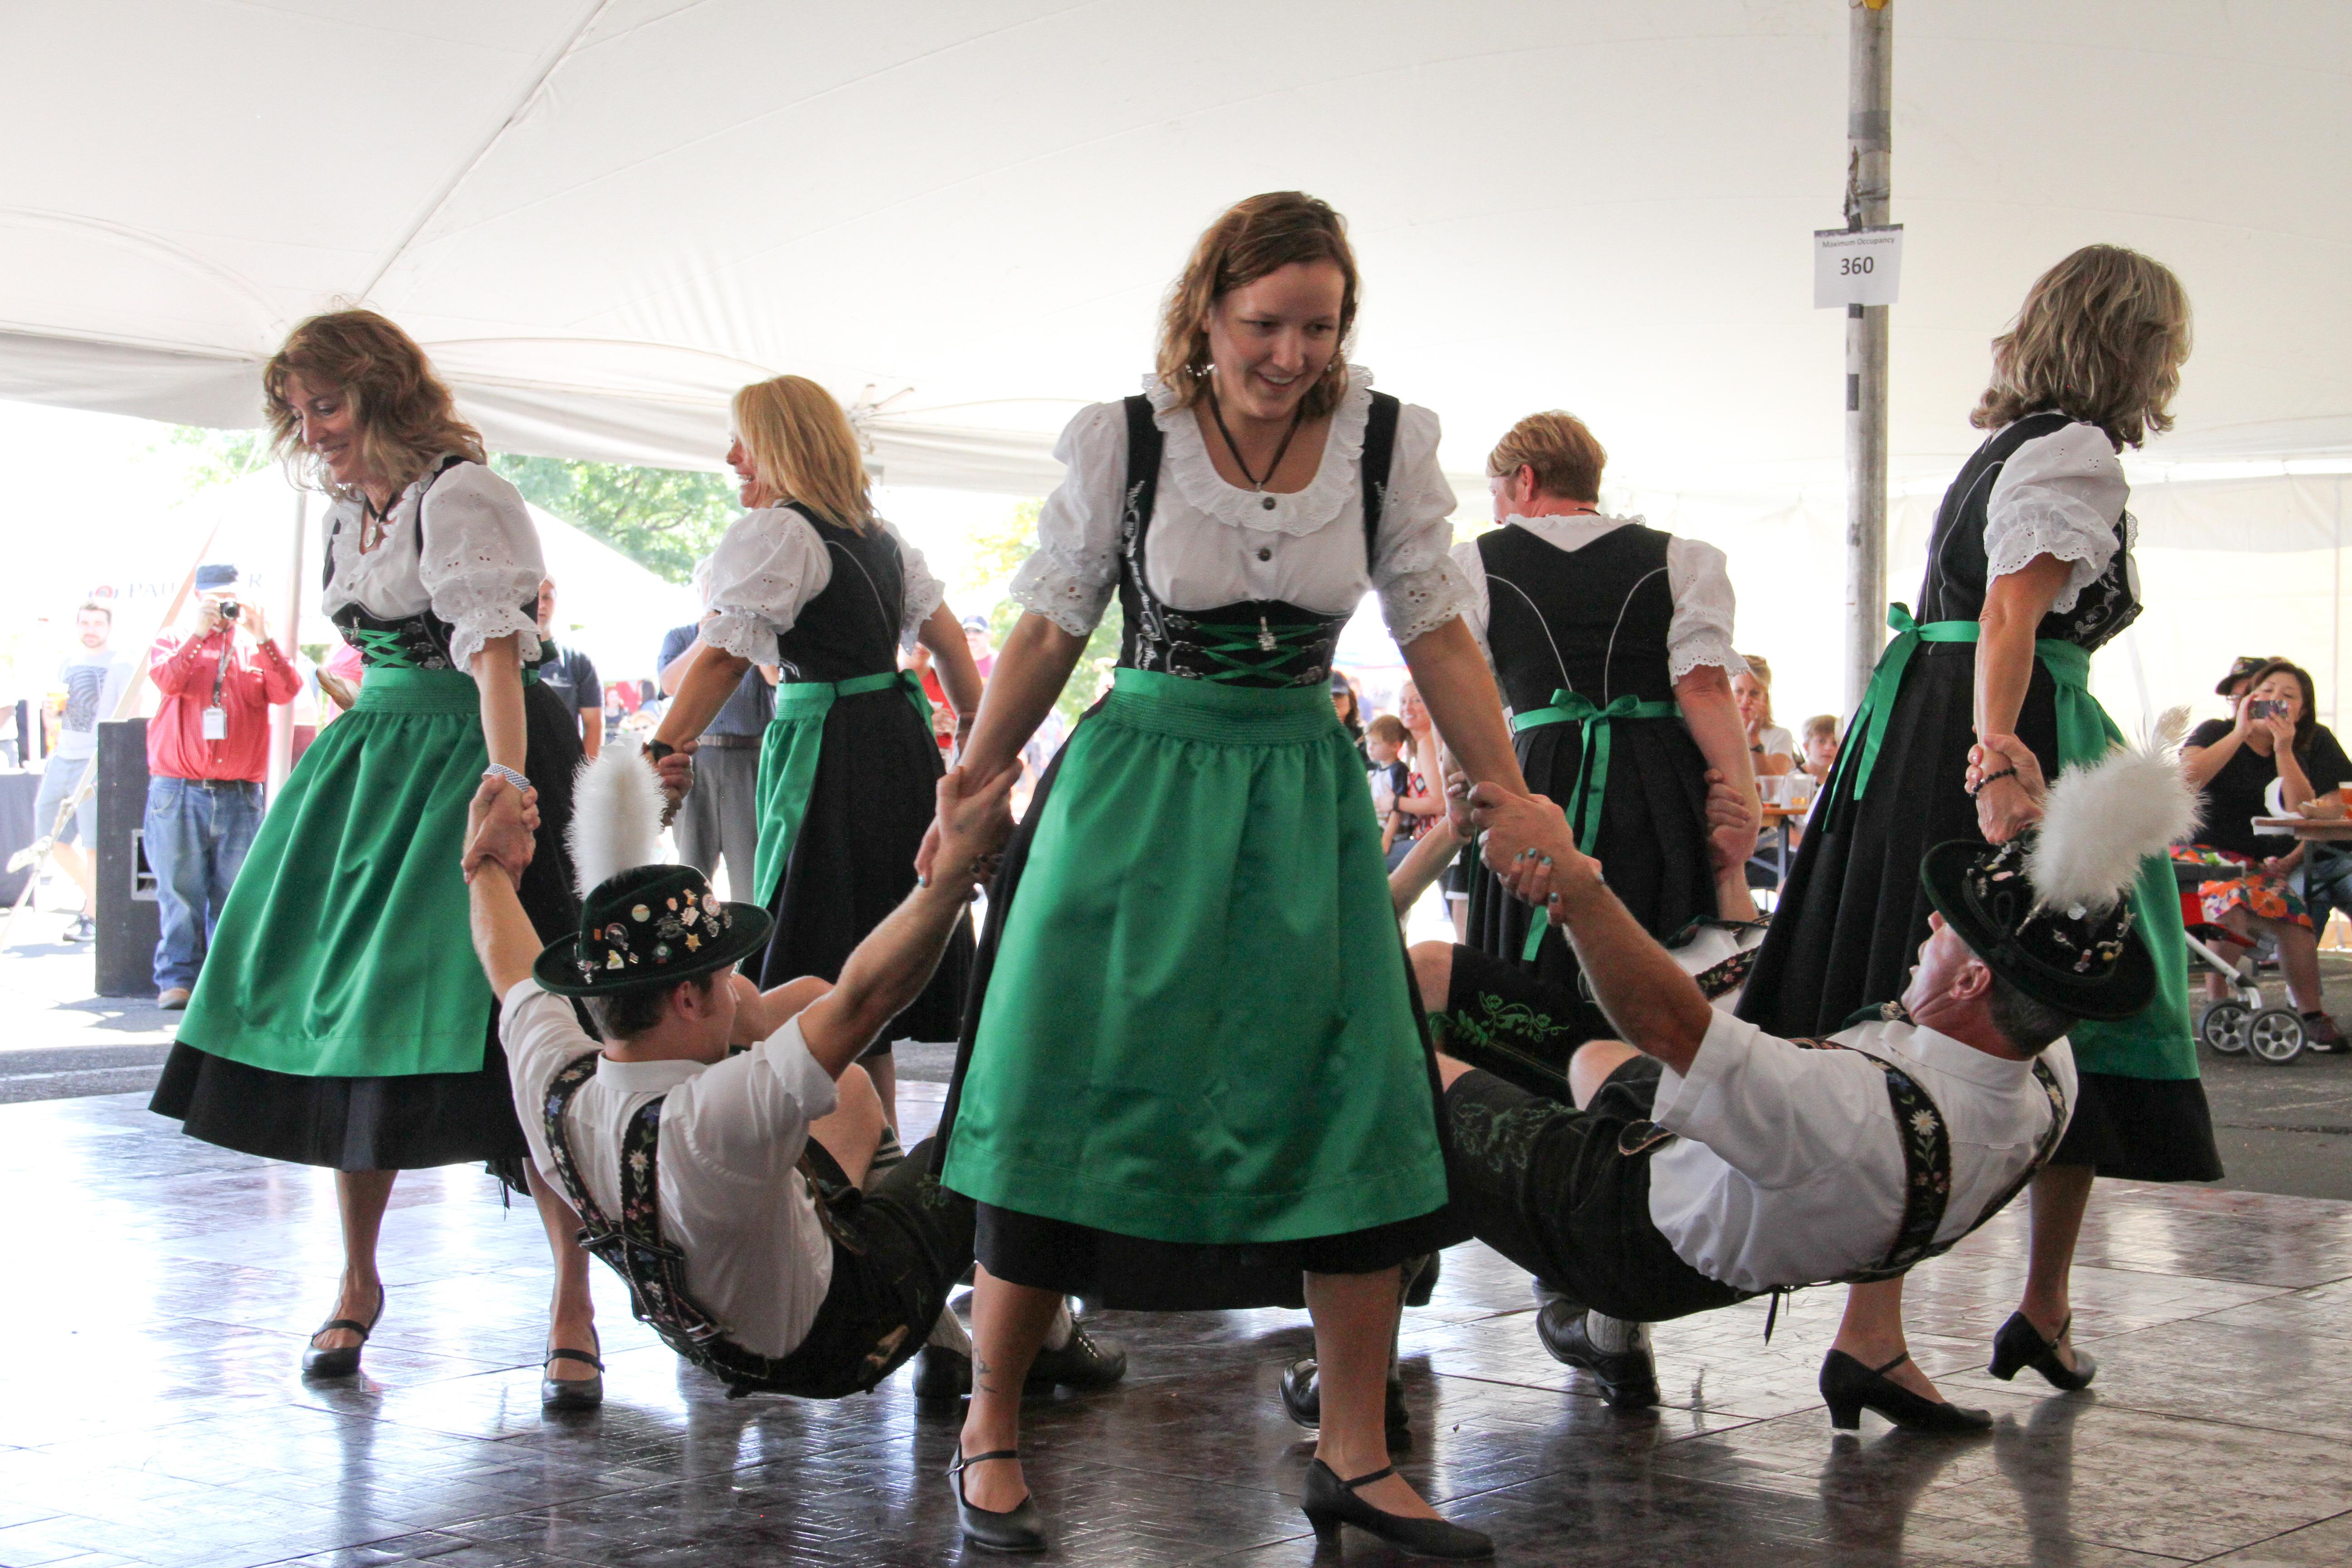 Ladies dancing, men prancing!